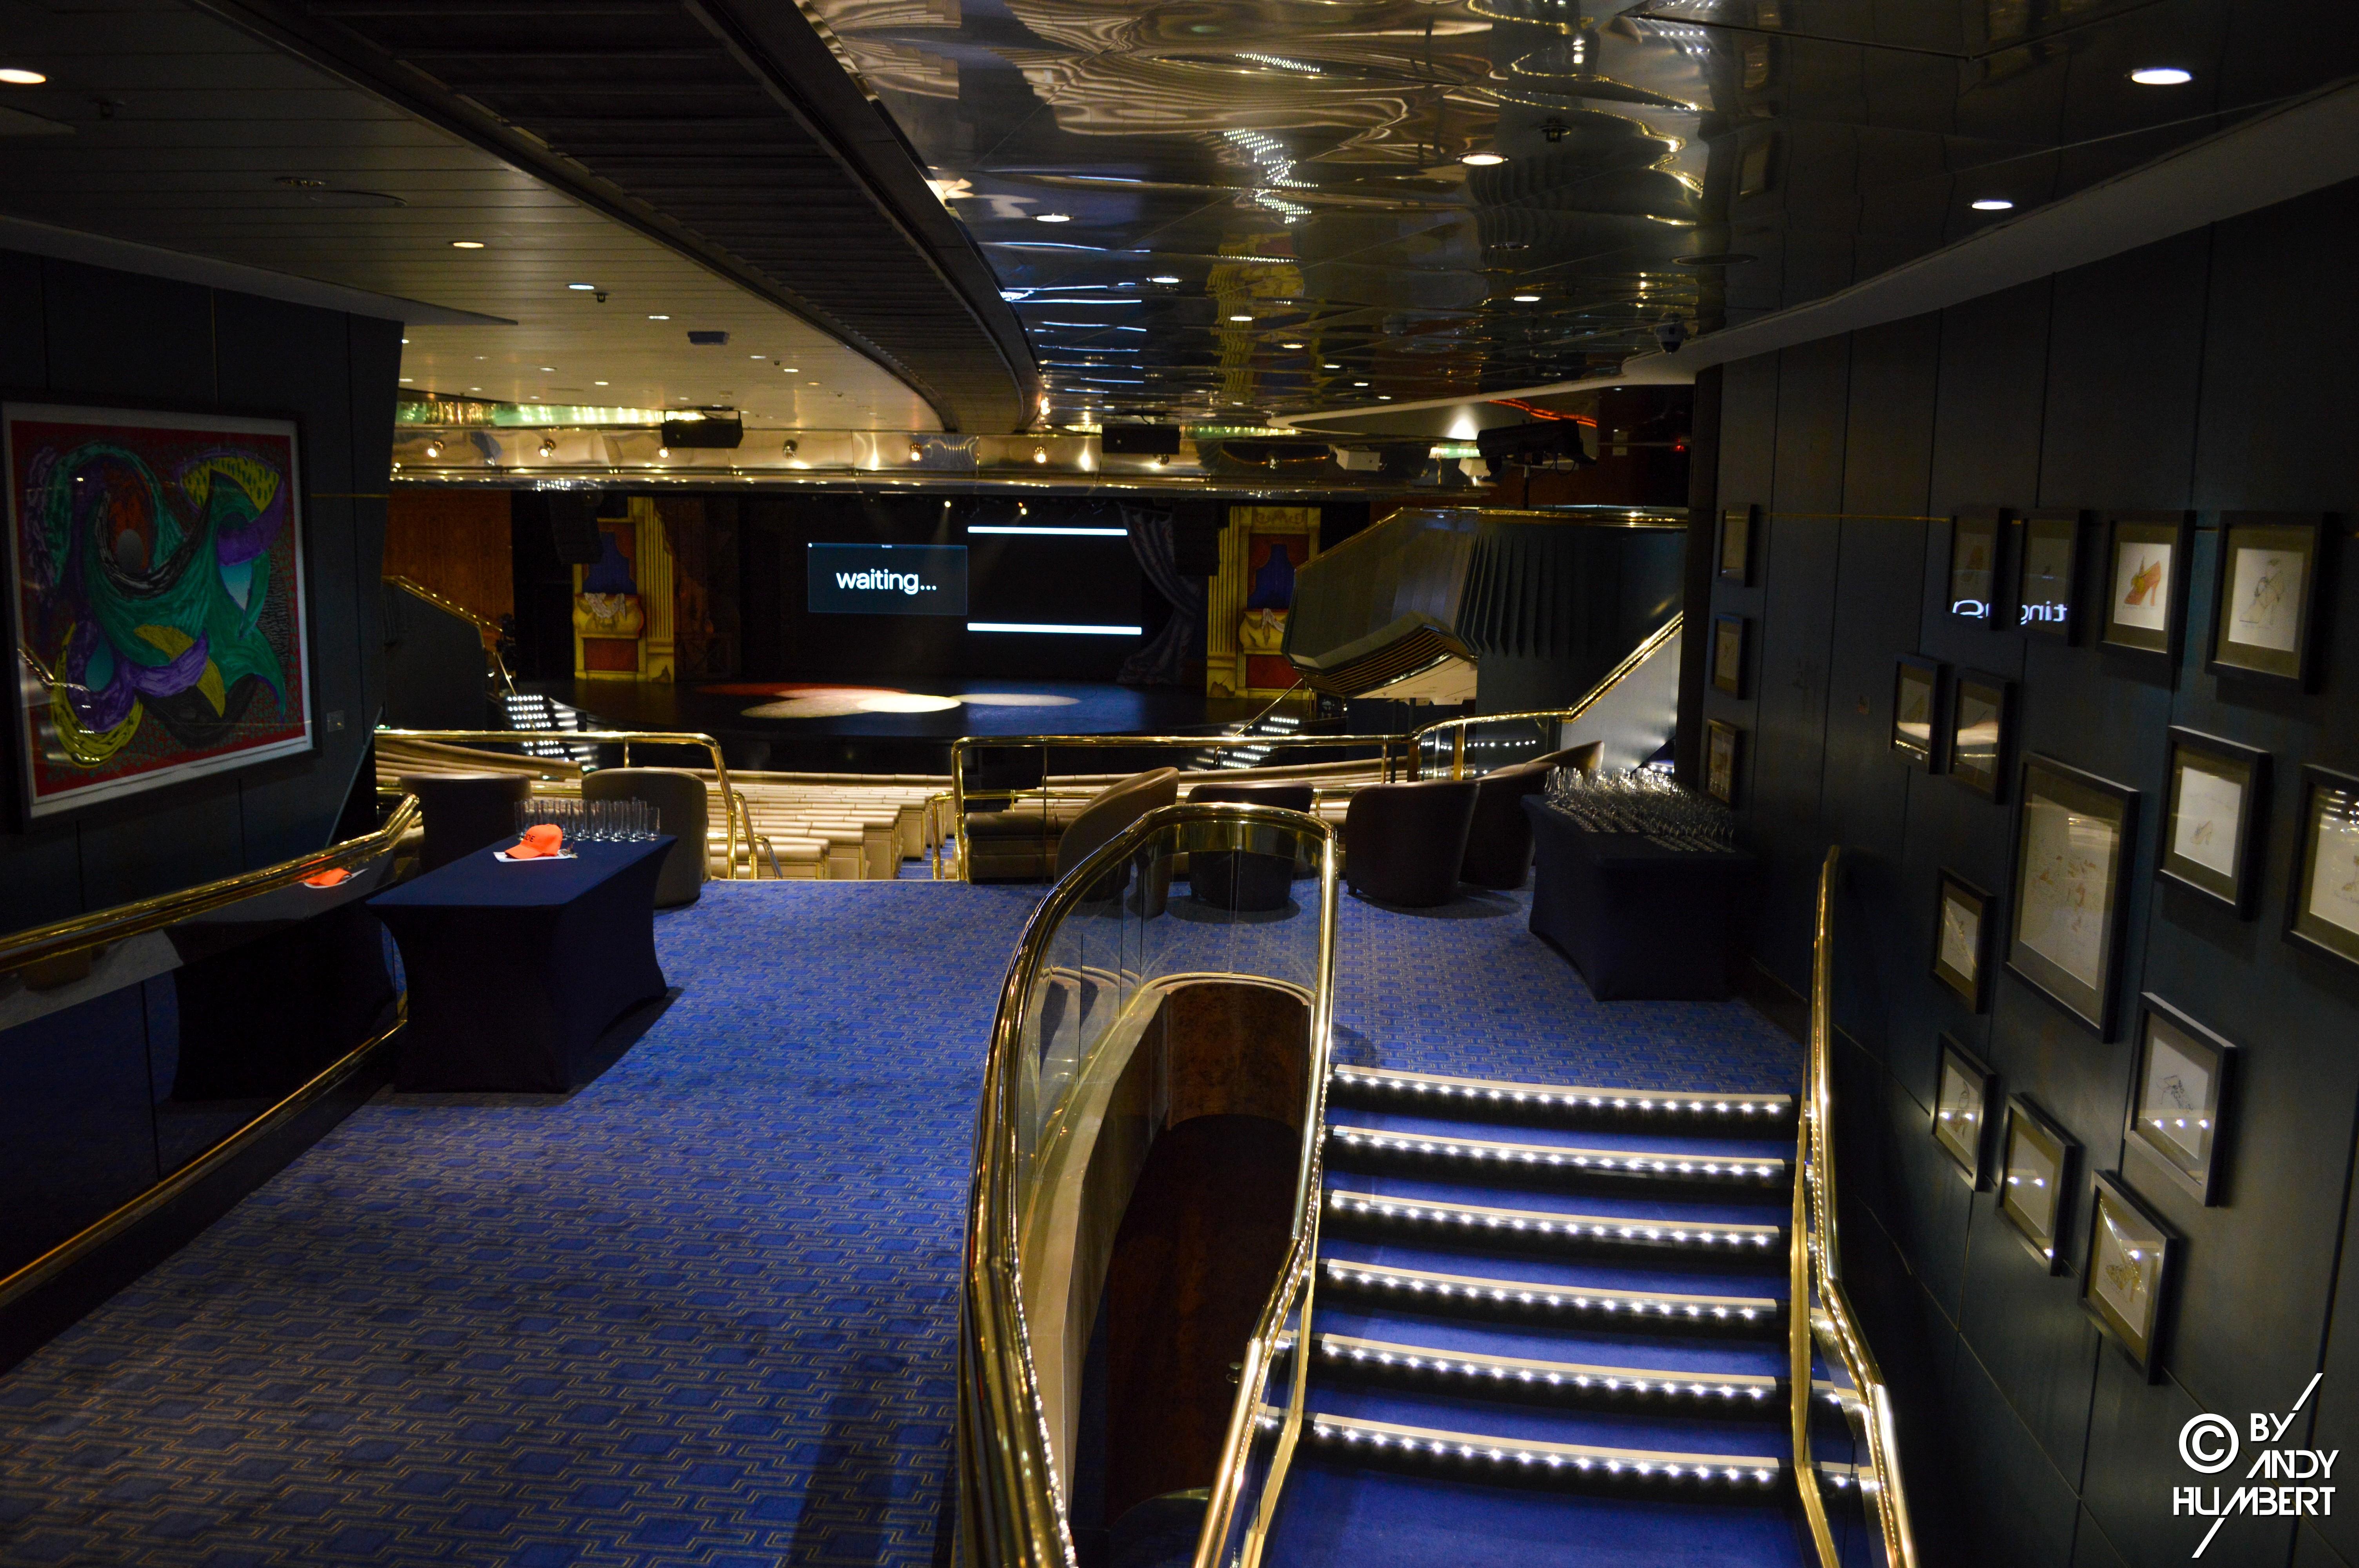 Broadway Show Lounge (ponts 6 et 7)